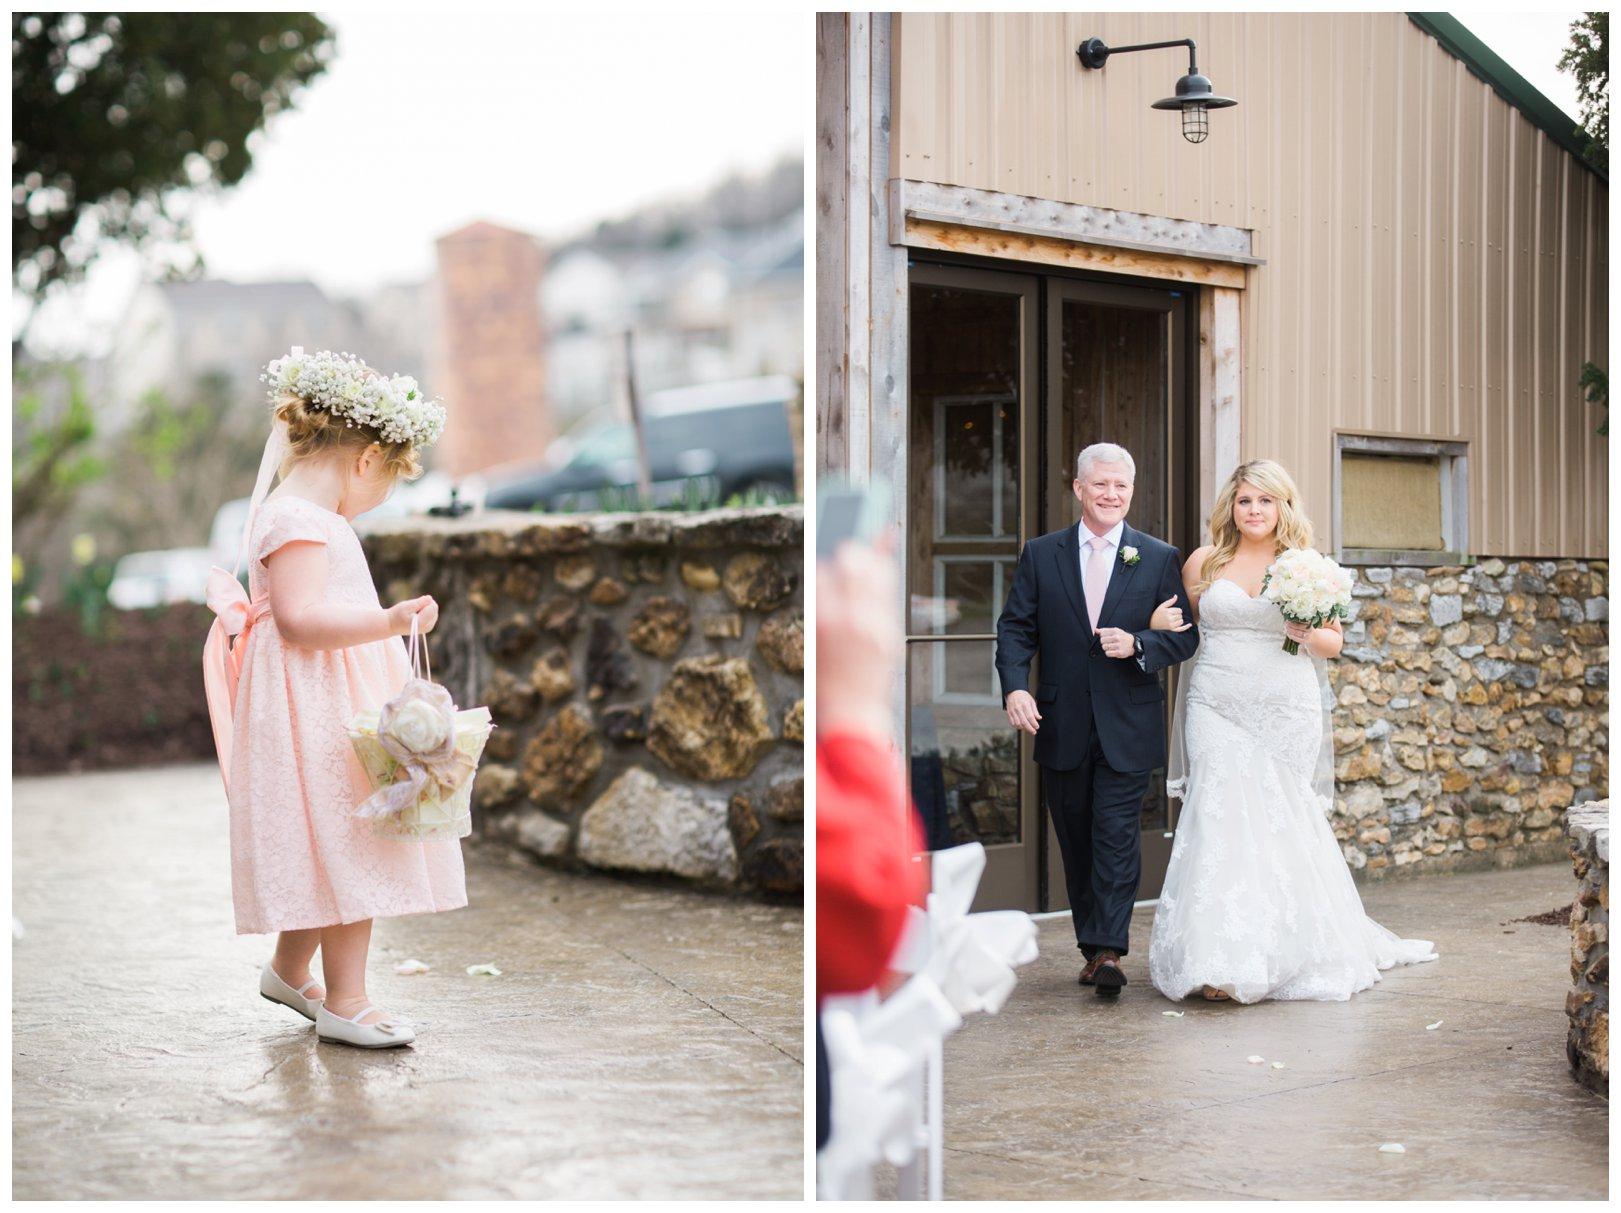 lauren muckler photography_fine art film wedding photography_st louis_photography_0983.jpg